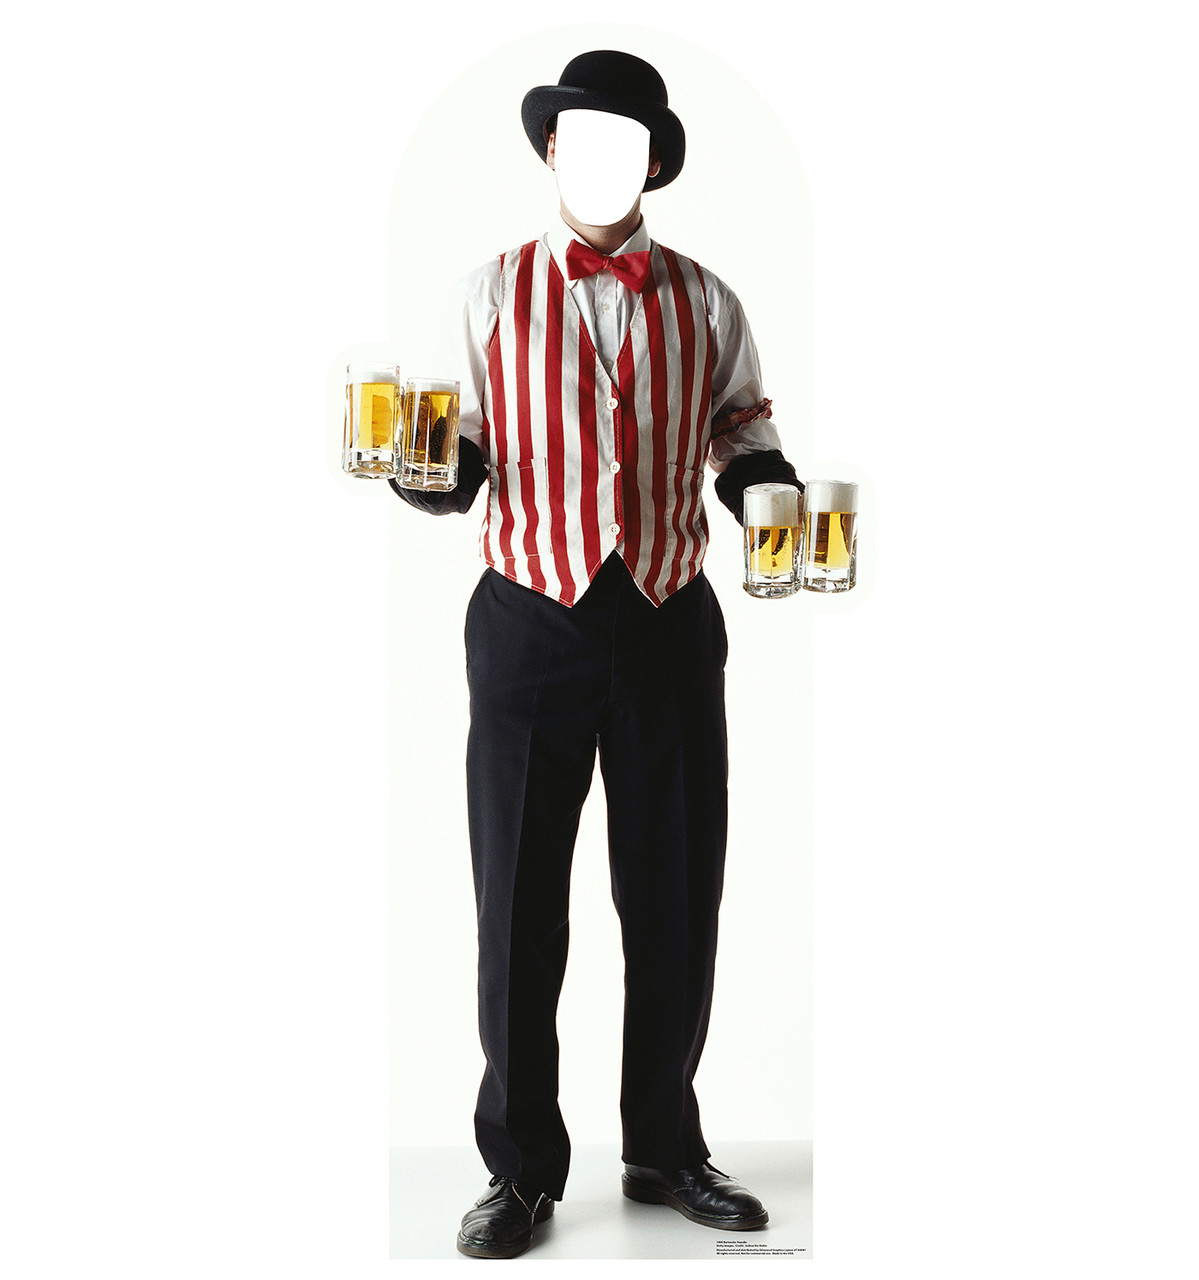 Life-size Carnival Bartender Standin Cardboard Standup | Cardboard Cutout